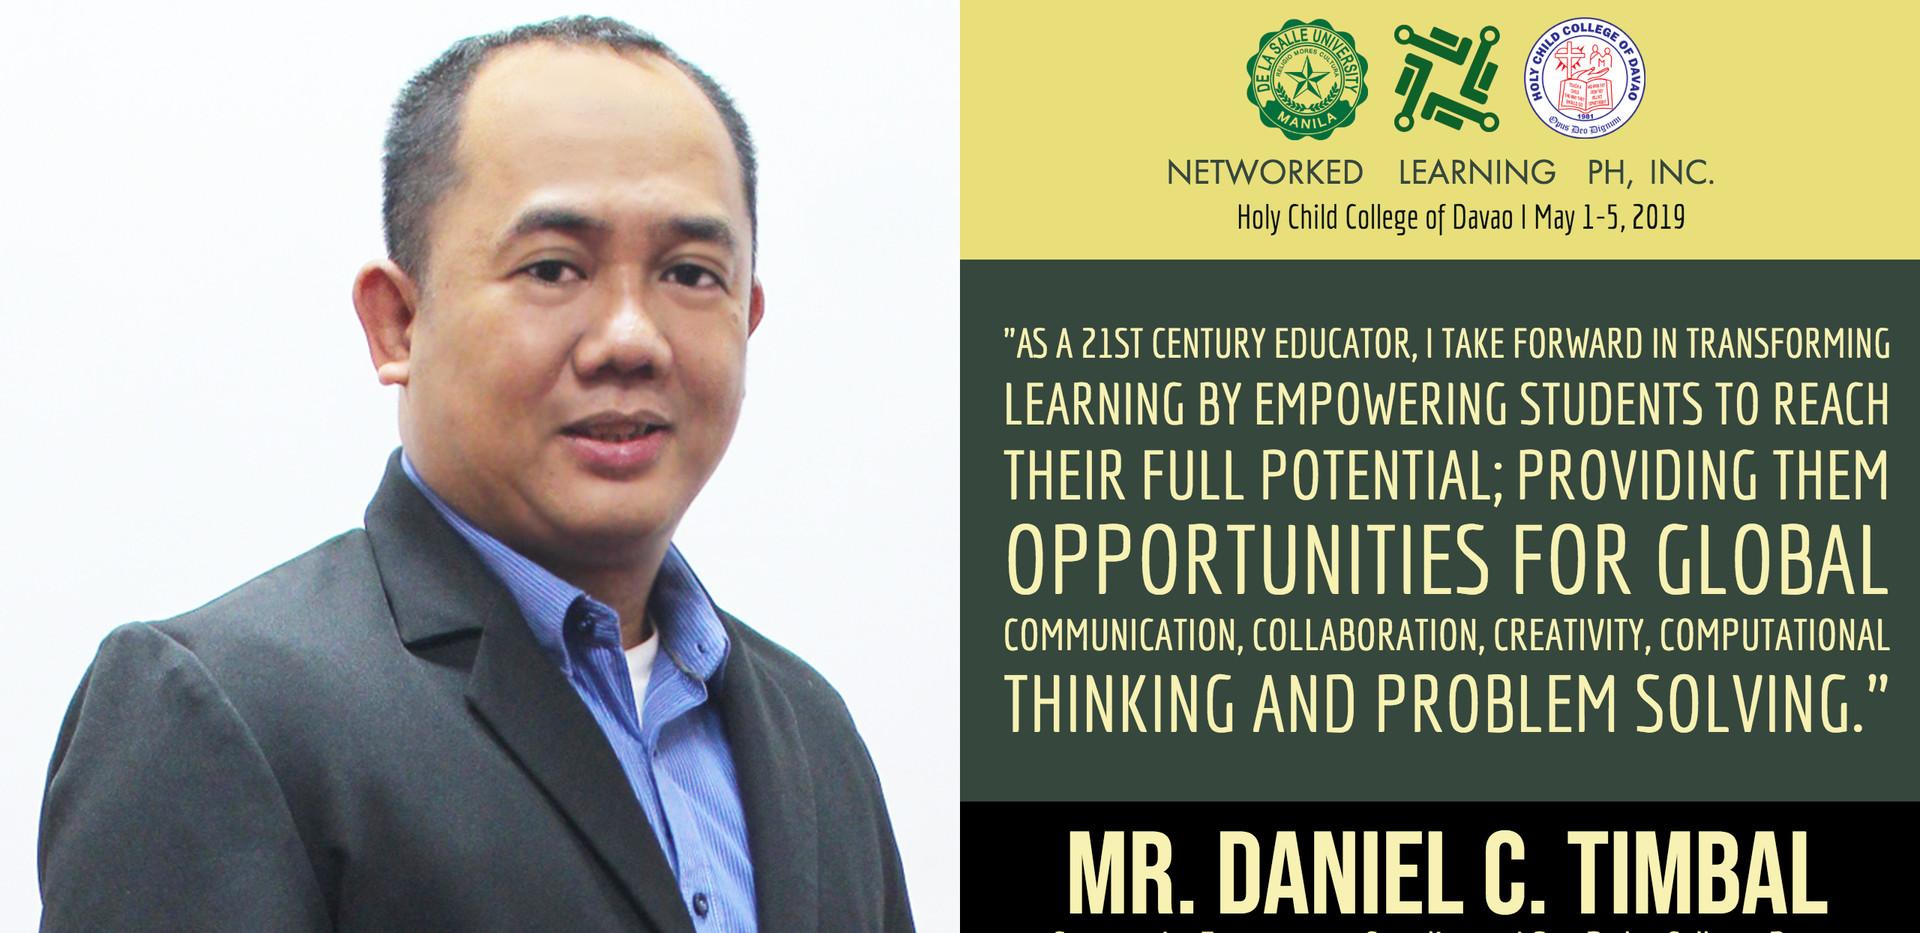 Mr. Daniel C. Timbal